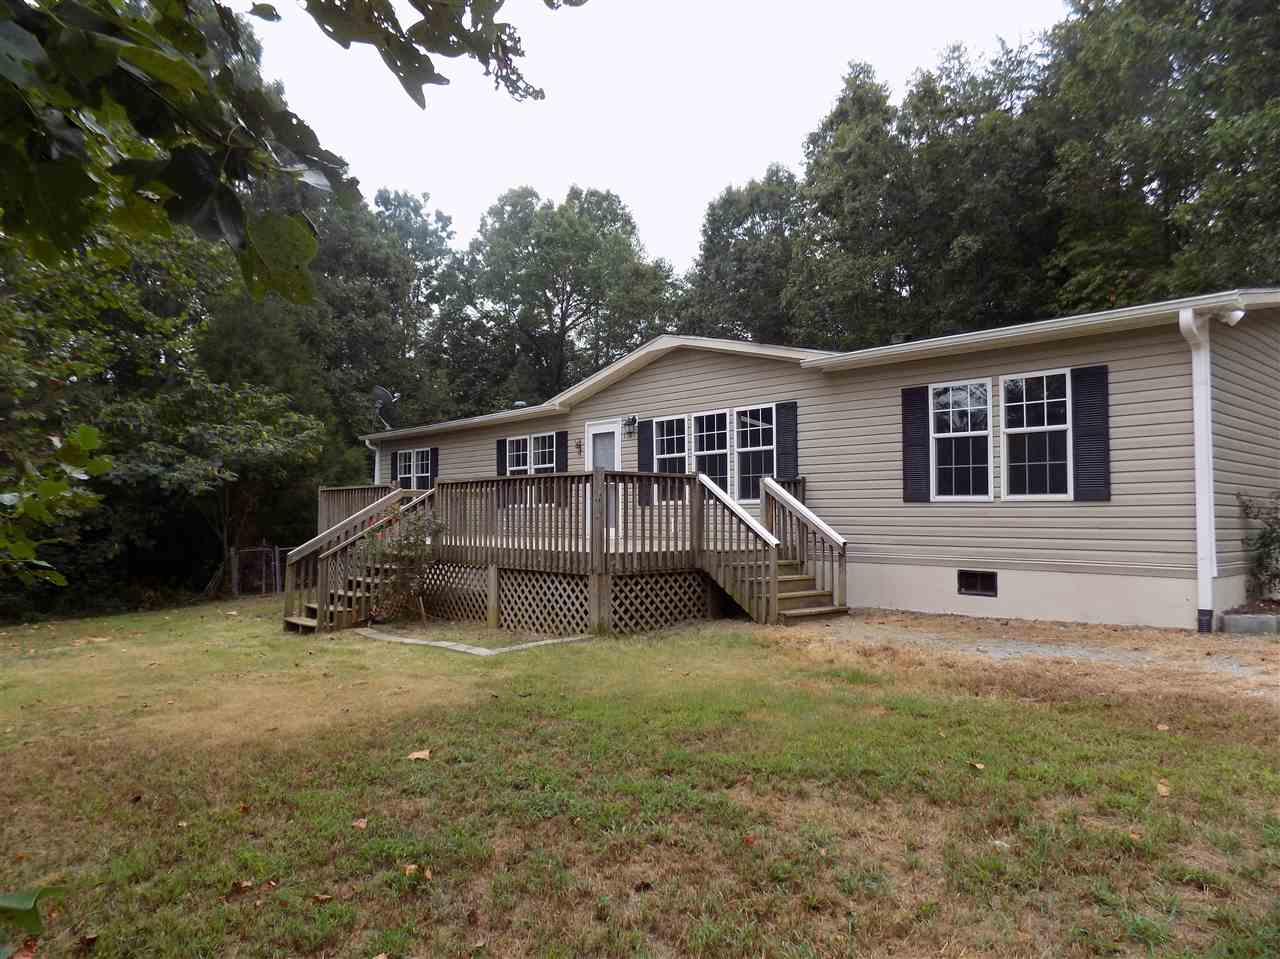 138 Winnies Rd., Bostic, NC 28018